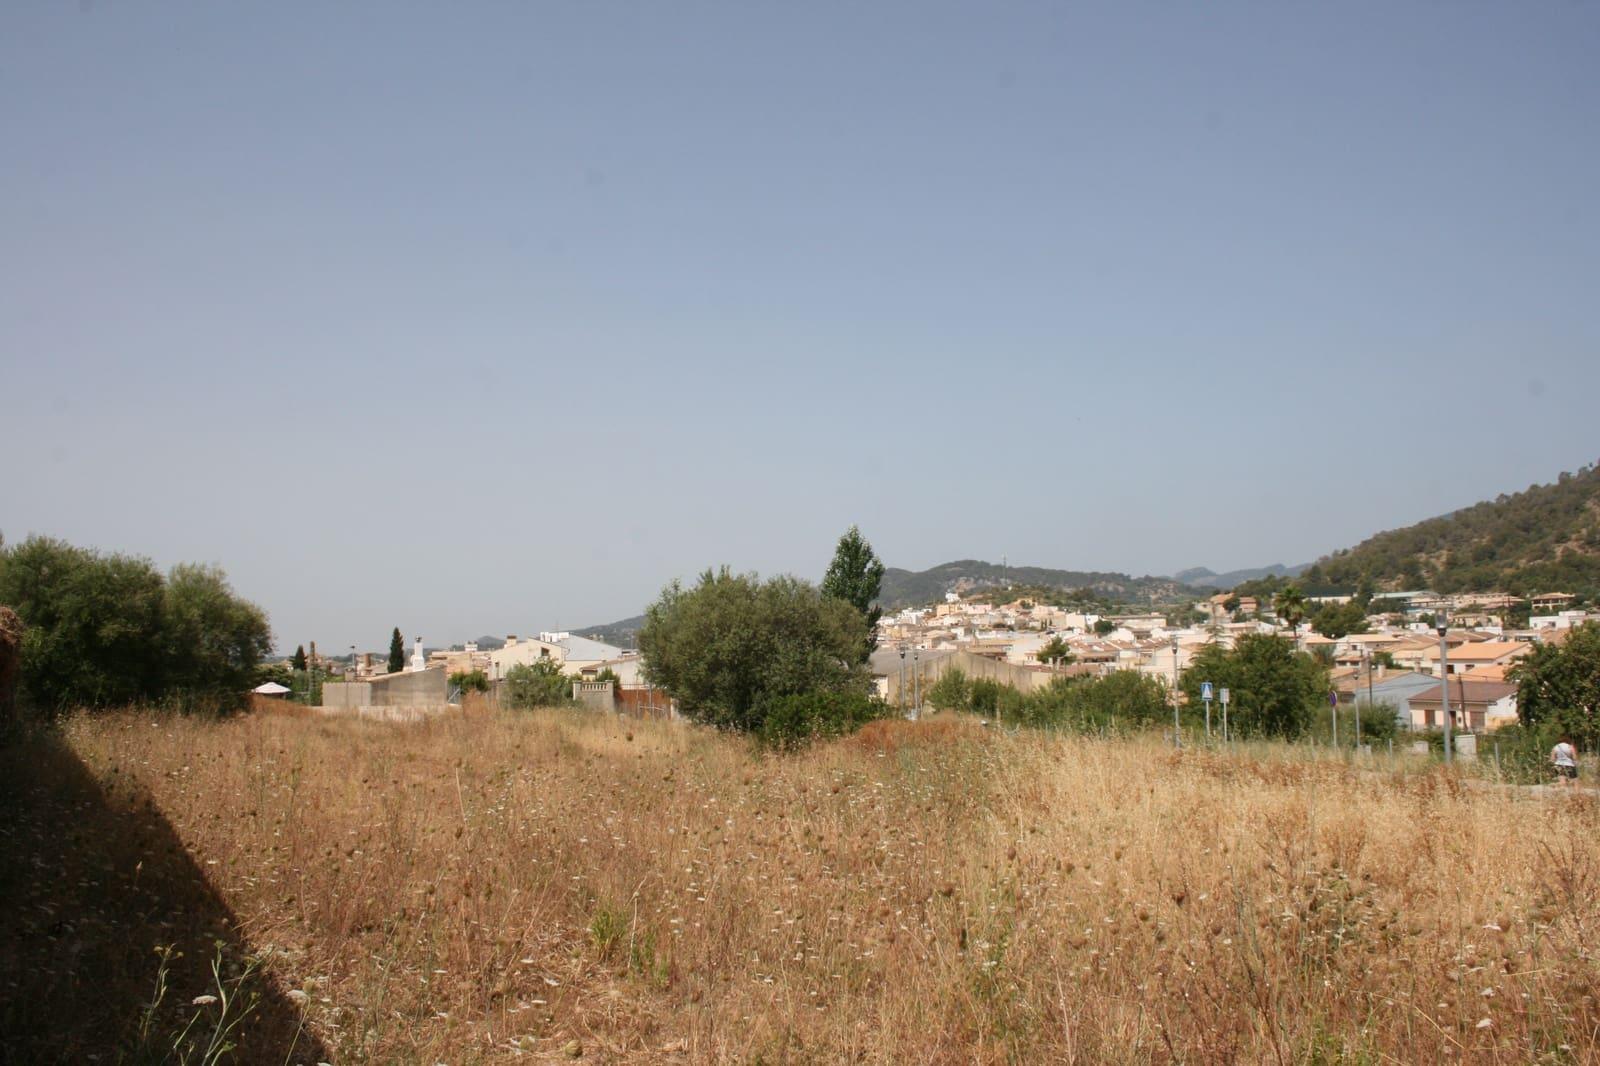 Terreno Não Urbanizado para venda em Lloseta - 200 000 € (Ref: 5772884)